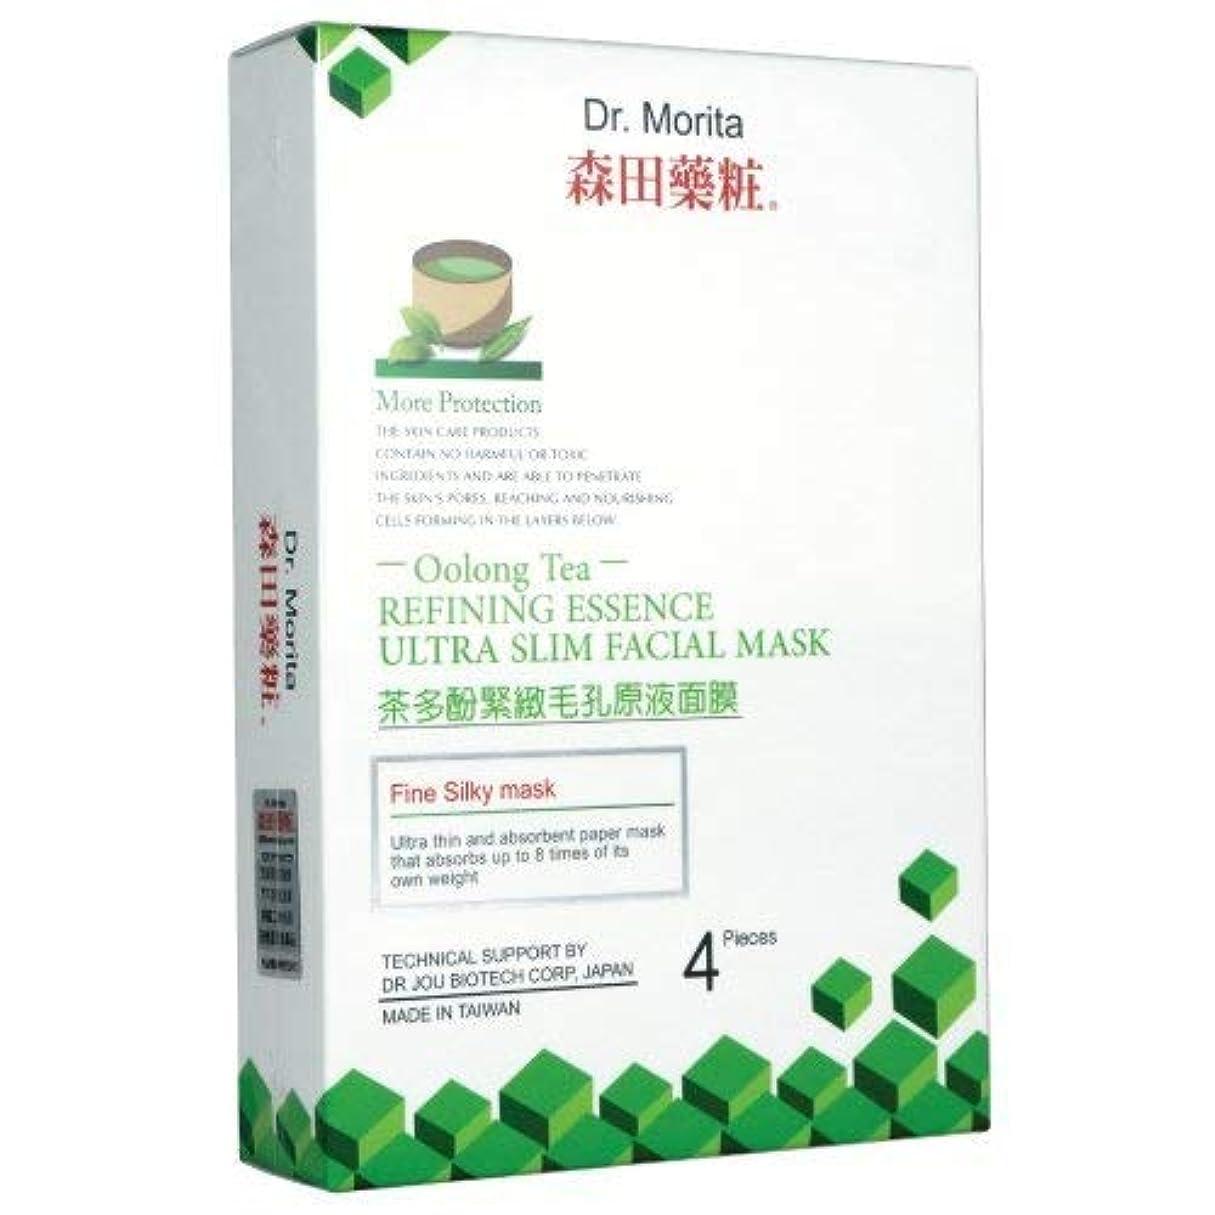 頑張る消化土器Doctor Morita (ウーロン茶)洗練されたエッセンス超スリムフェイシャルマスクは4肌を修復し、目に見える毛穴を引き締め、肌の質感の向上に役立ちます。